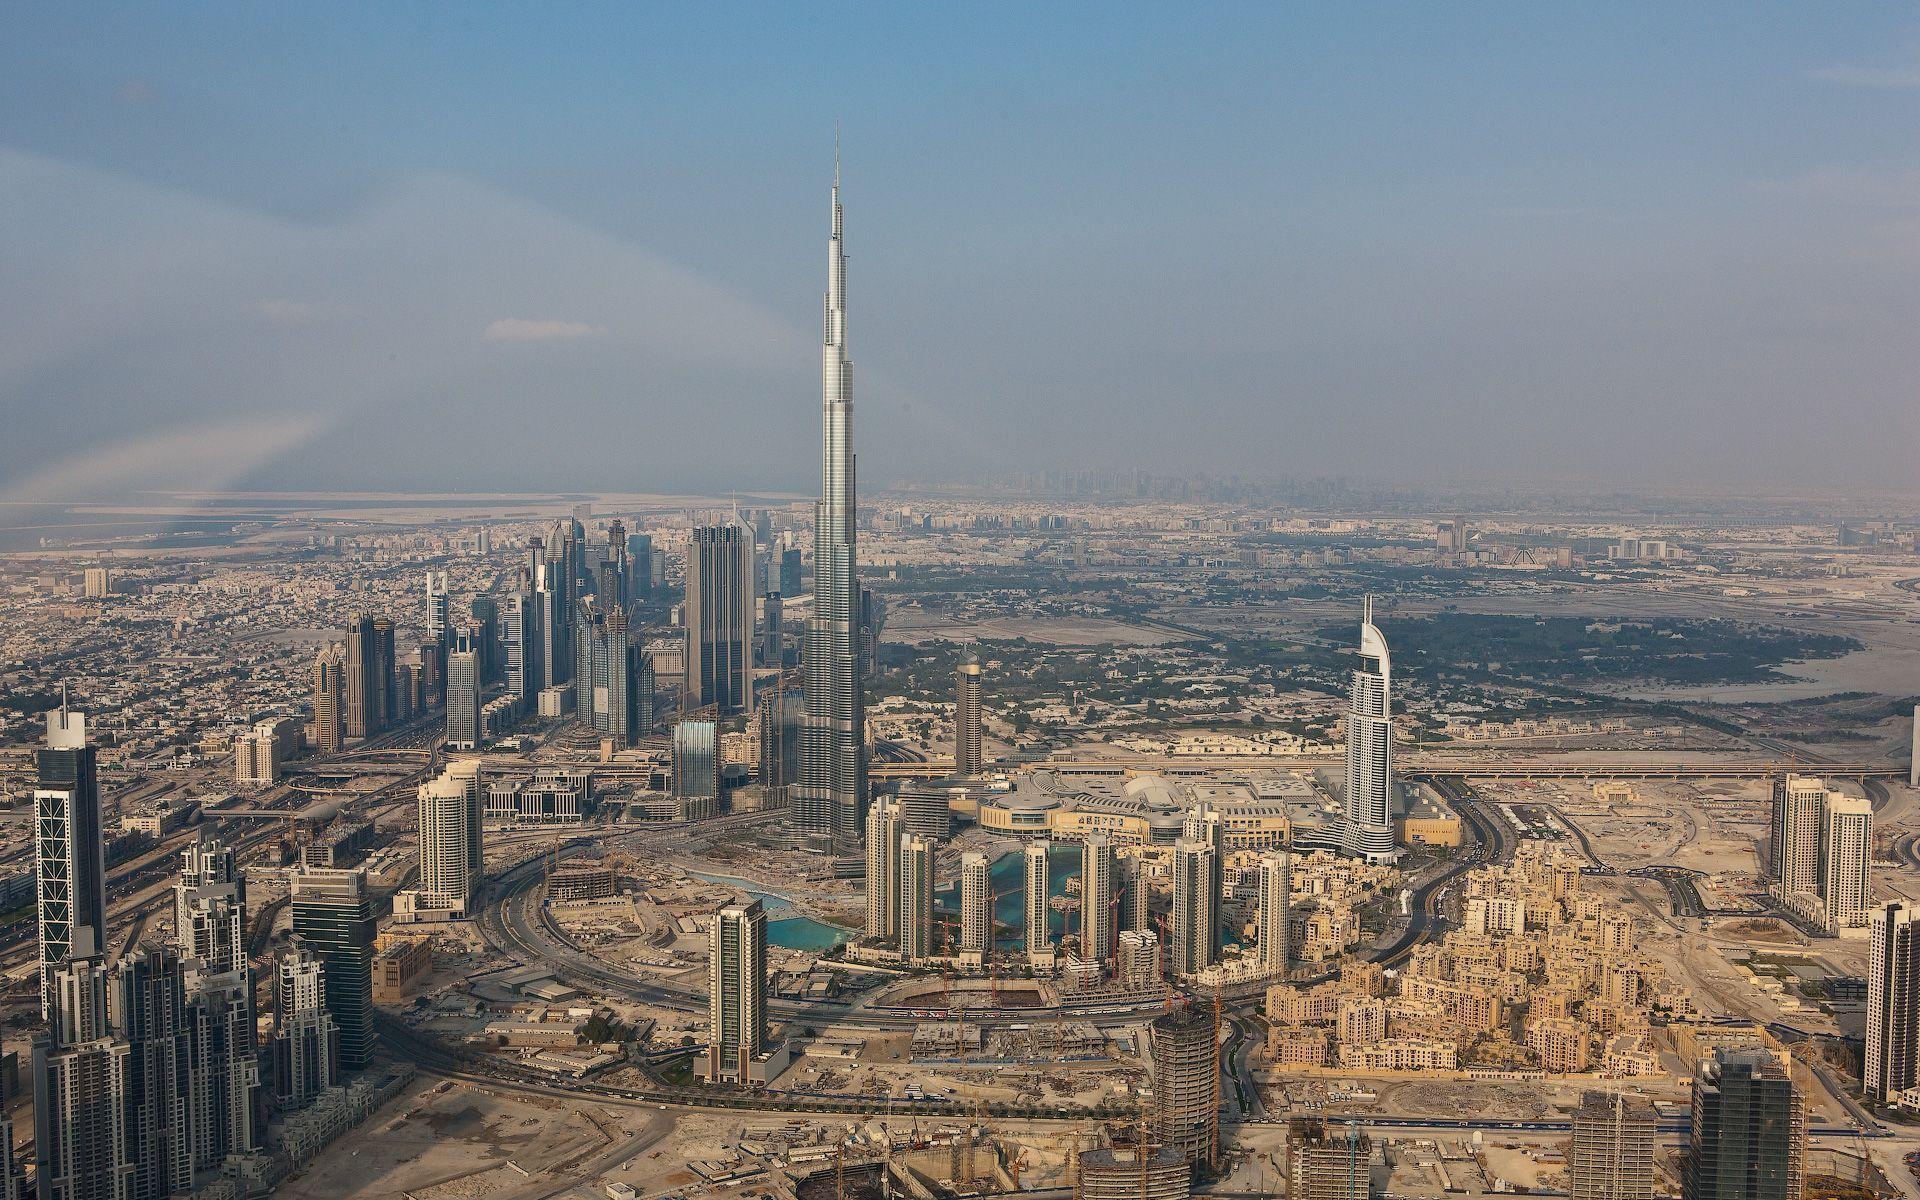 Burj Khalifa Tower In Dubai Dubai City Khalifa Dubai Burj Khalifa